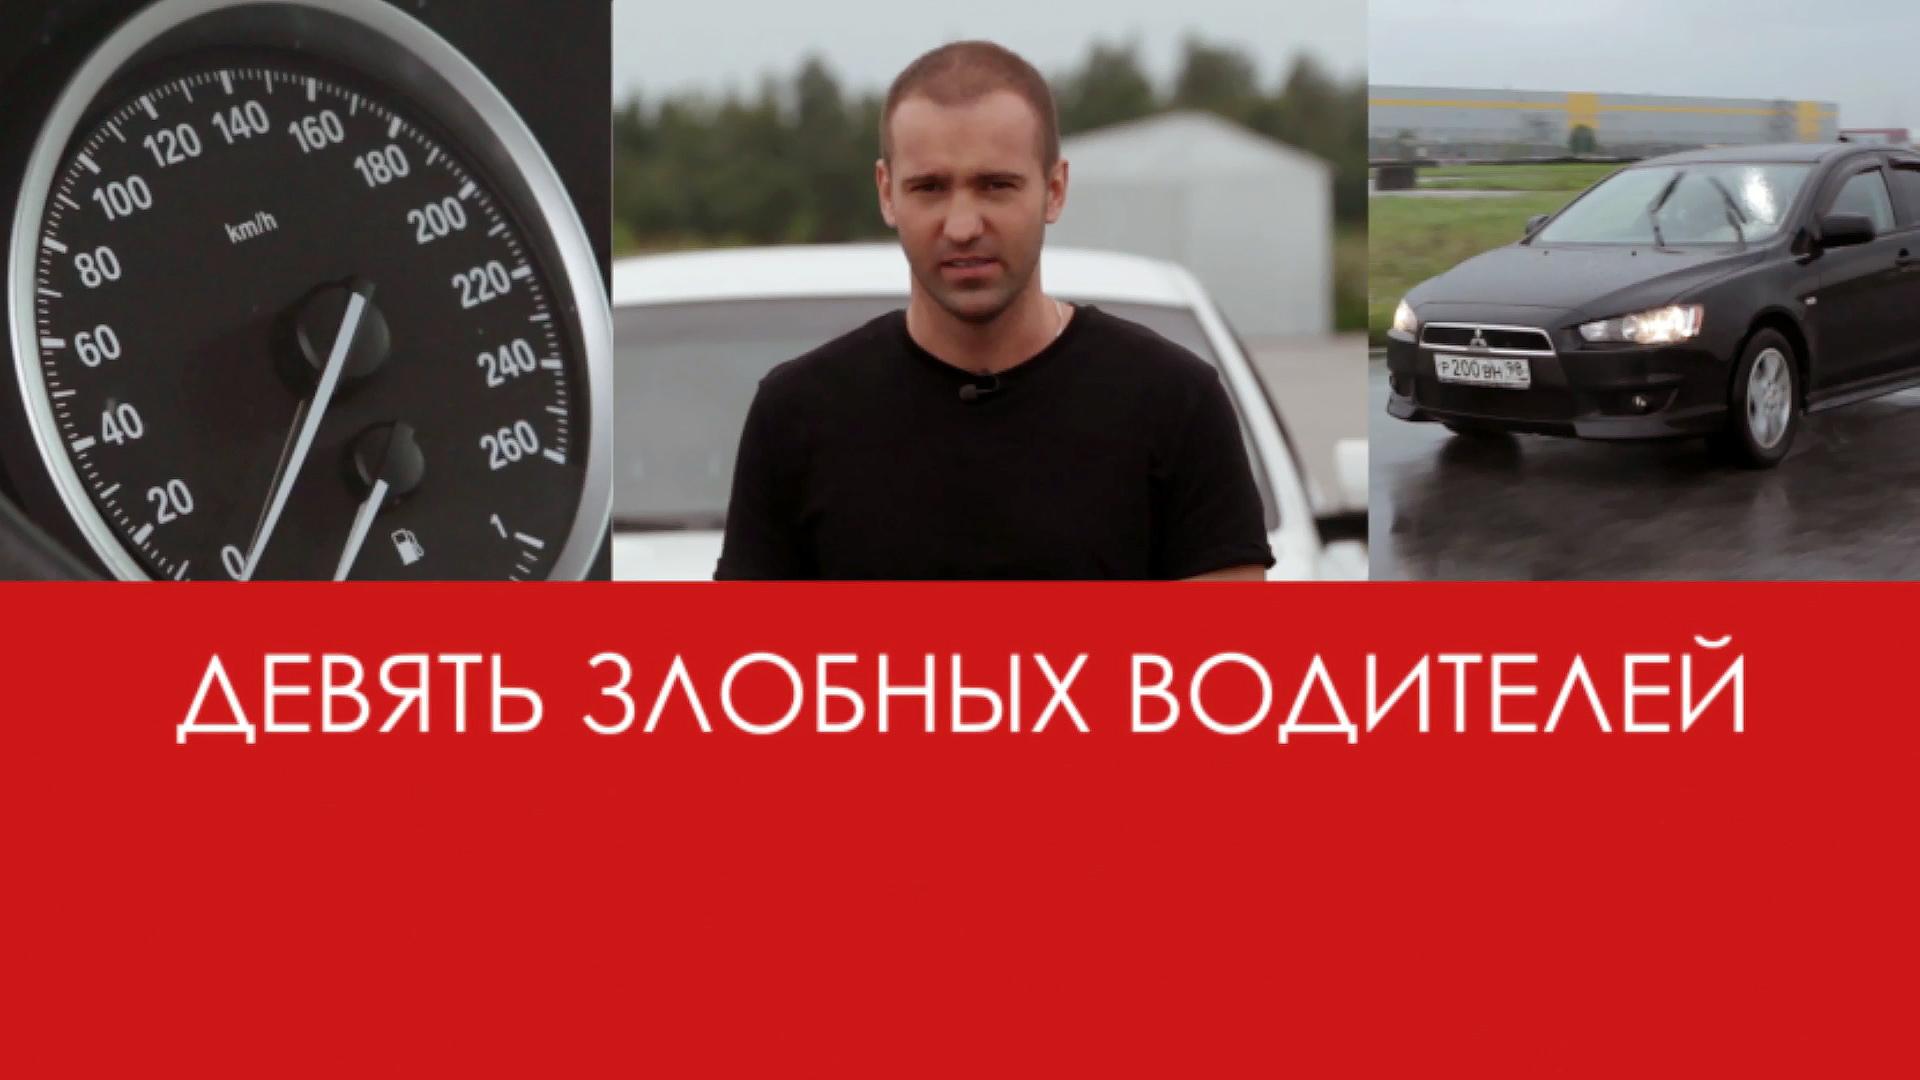 9 злобных водителей